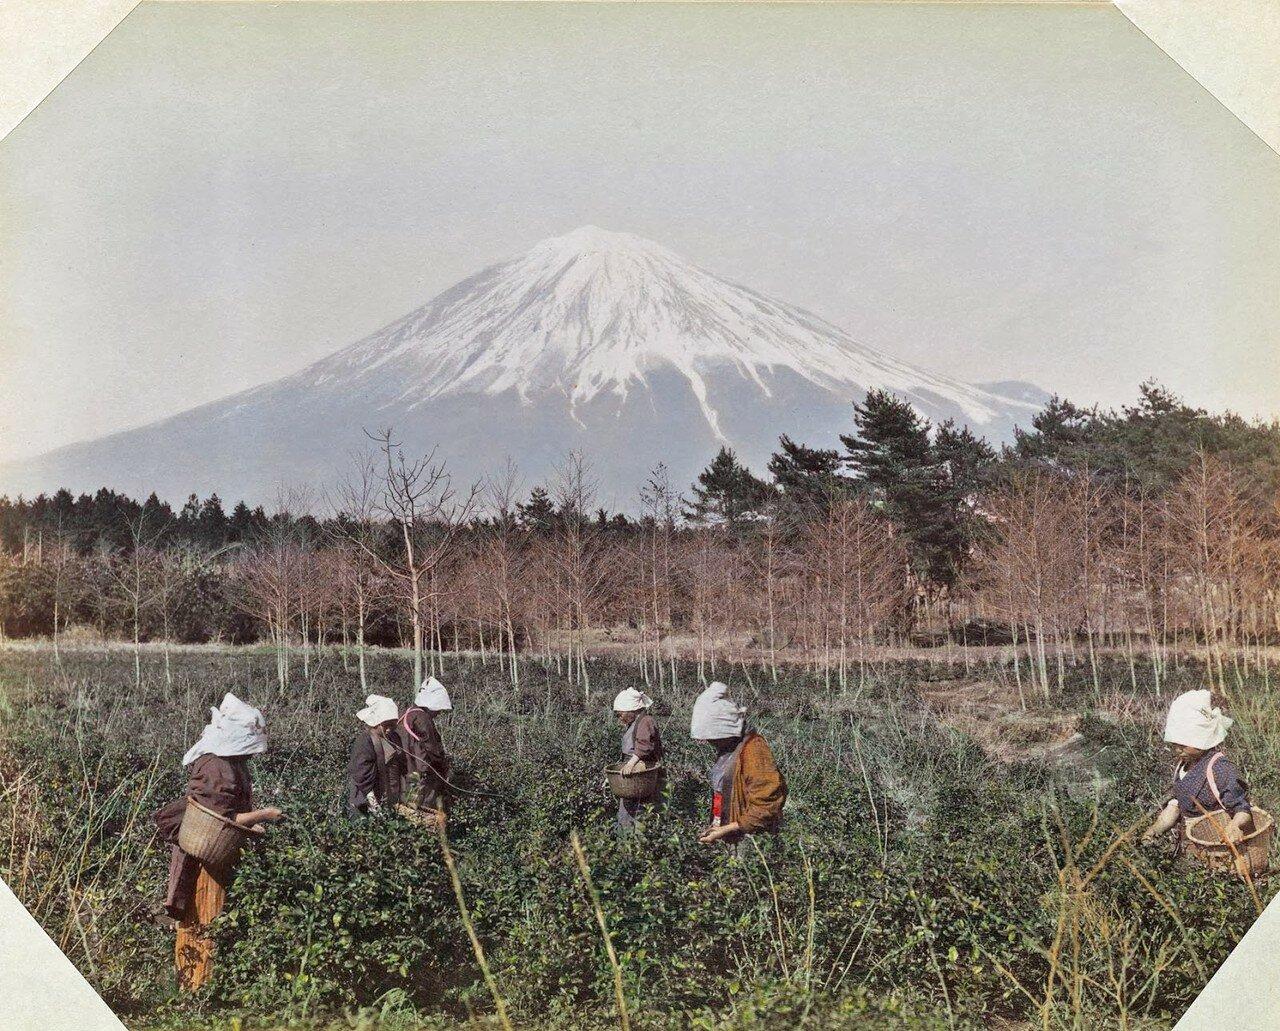 Японки собирают чайные листья на фоне горы Фудзи, 1895